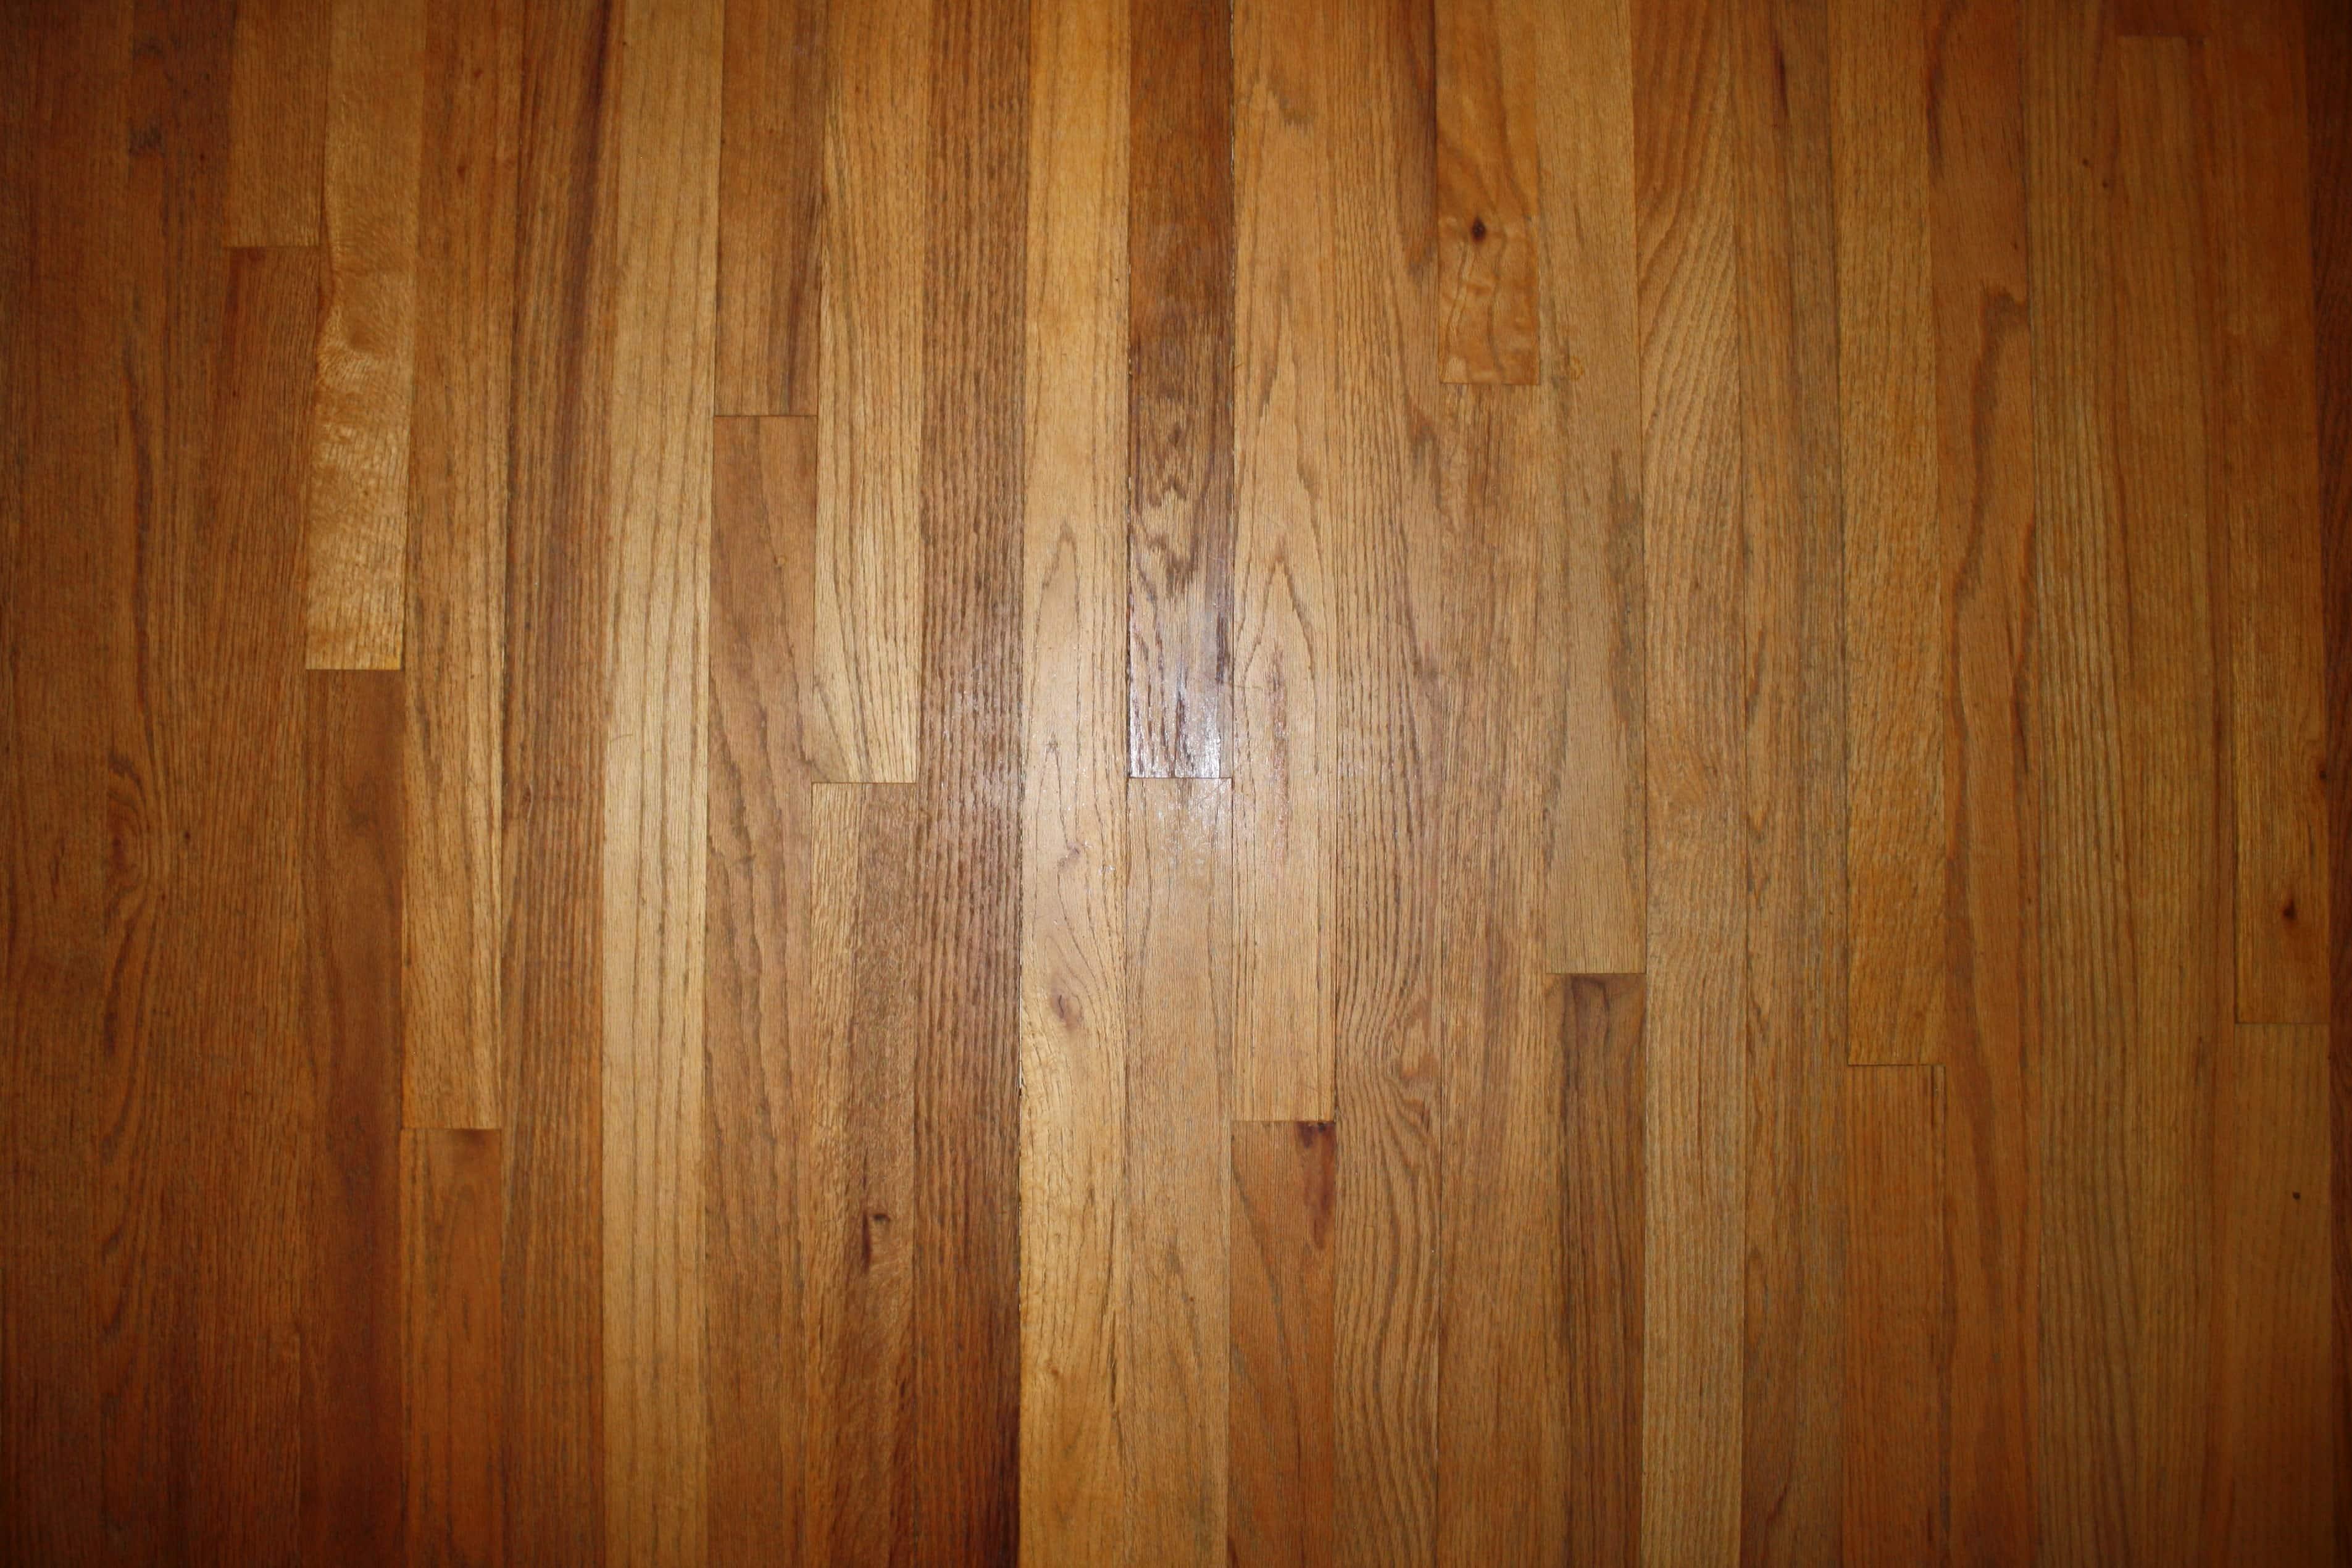 Parkettgolv : Fria bild snickeri logga lövträ golv parkettgolv trä mörk ytan